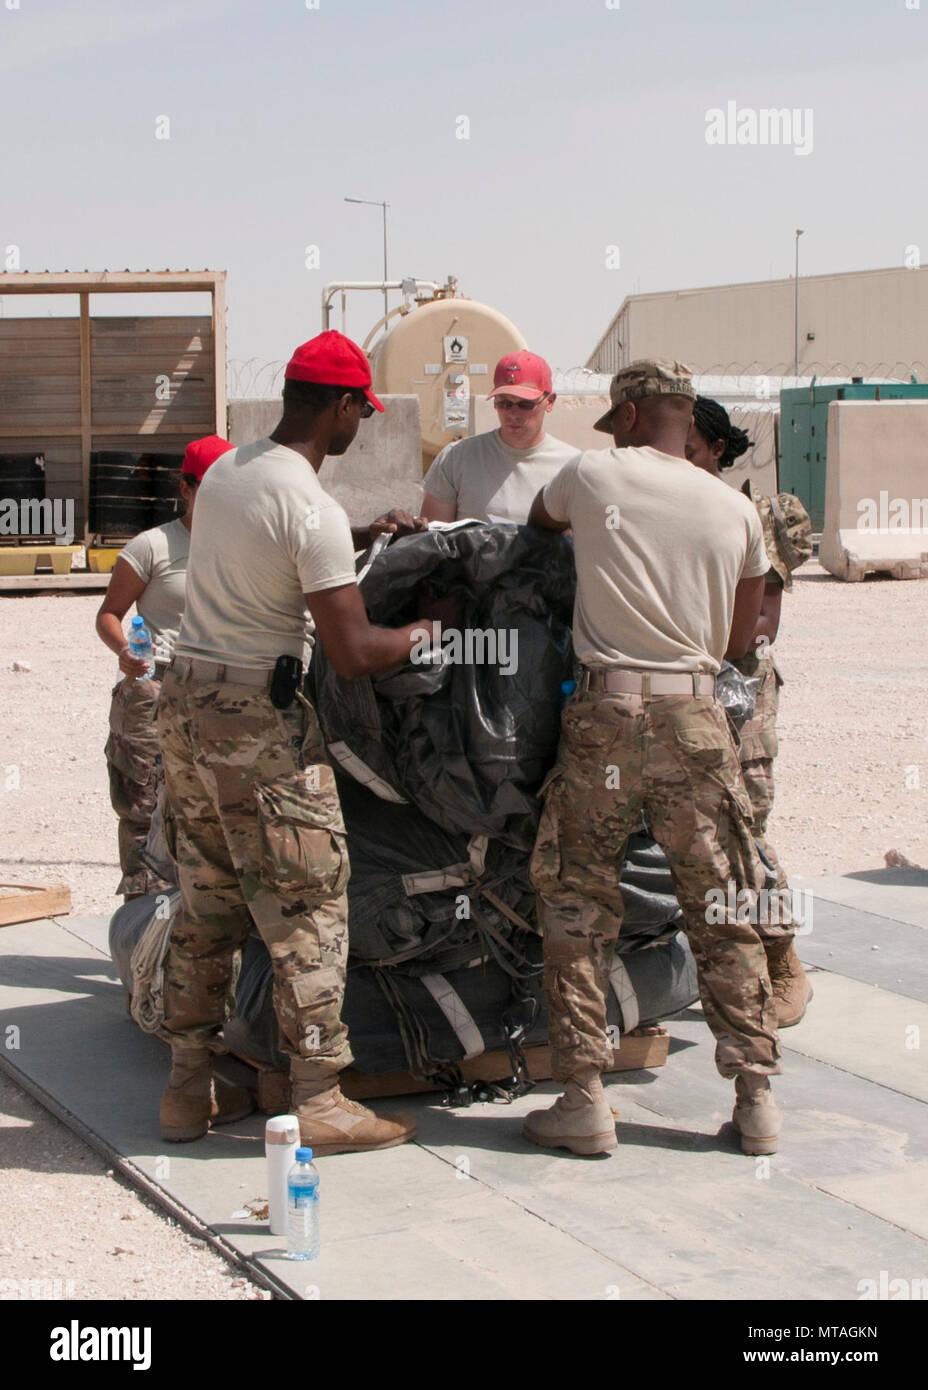 Los soldados de la 824ª Compañía de intendencia paracaídas pila utilizado para la entrega aérea en la base aérea de Al Udeid, Qatar, el 19 de abril de 2017. Operaciones de entrega aérea son esenciales para llevar suministros a las tropas en el Oriente Medio cuando los medios convencionales de transporte no son factibles. Foto de stock